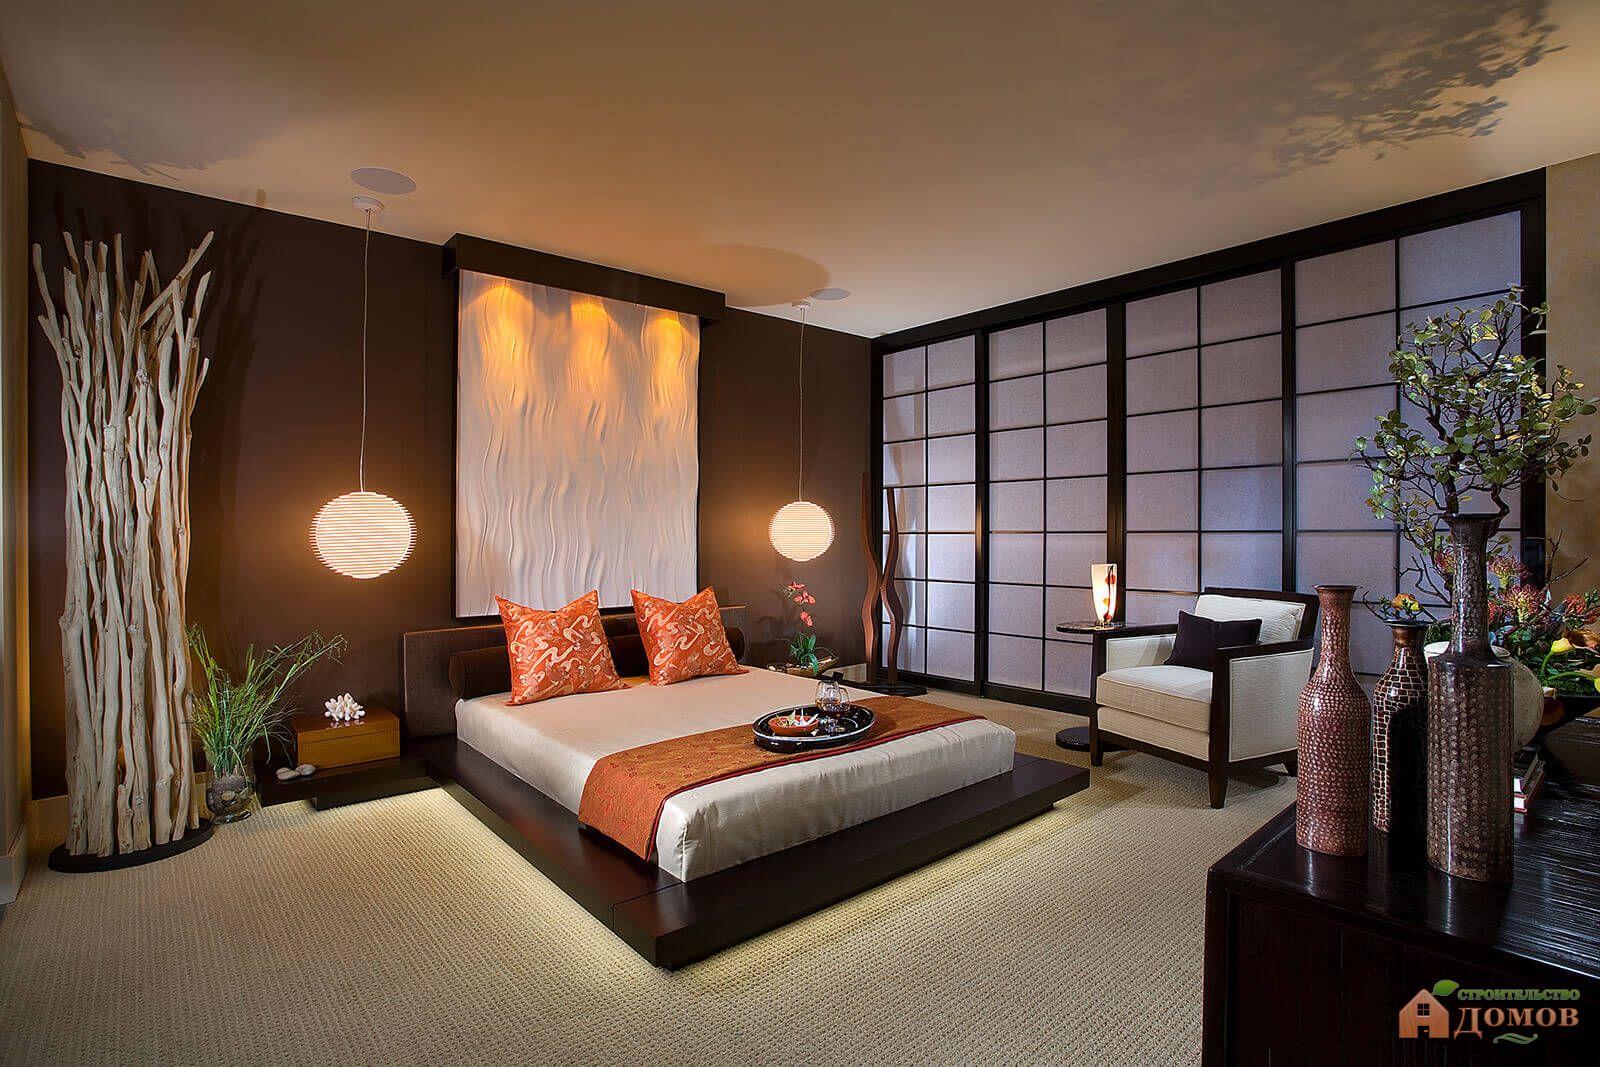 Дизайн спальни в японском стиле: фото и особенности японского интерьера